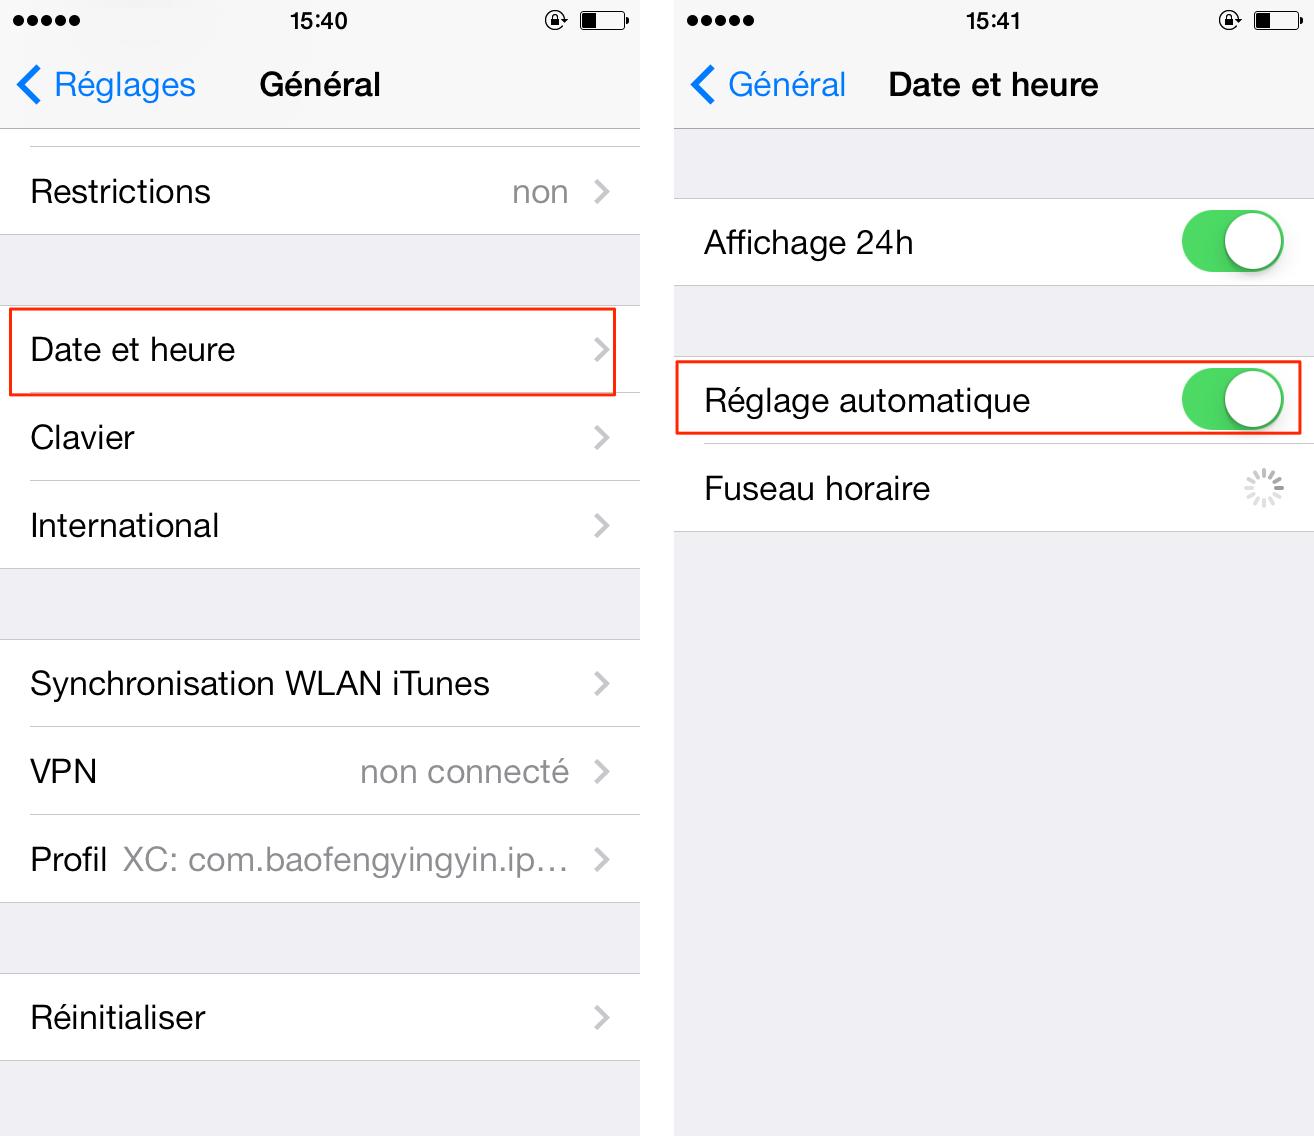 iOS 9/9.1/9.2/9.3 affiche incorrectement le temps sur iPhone/iPad